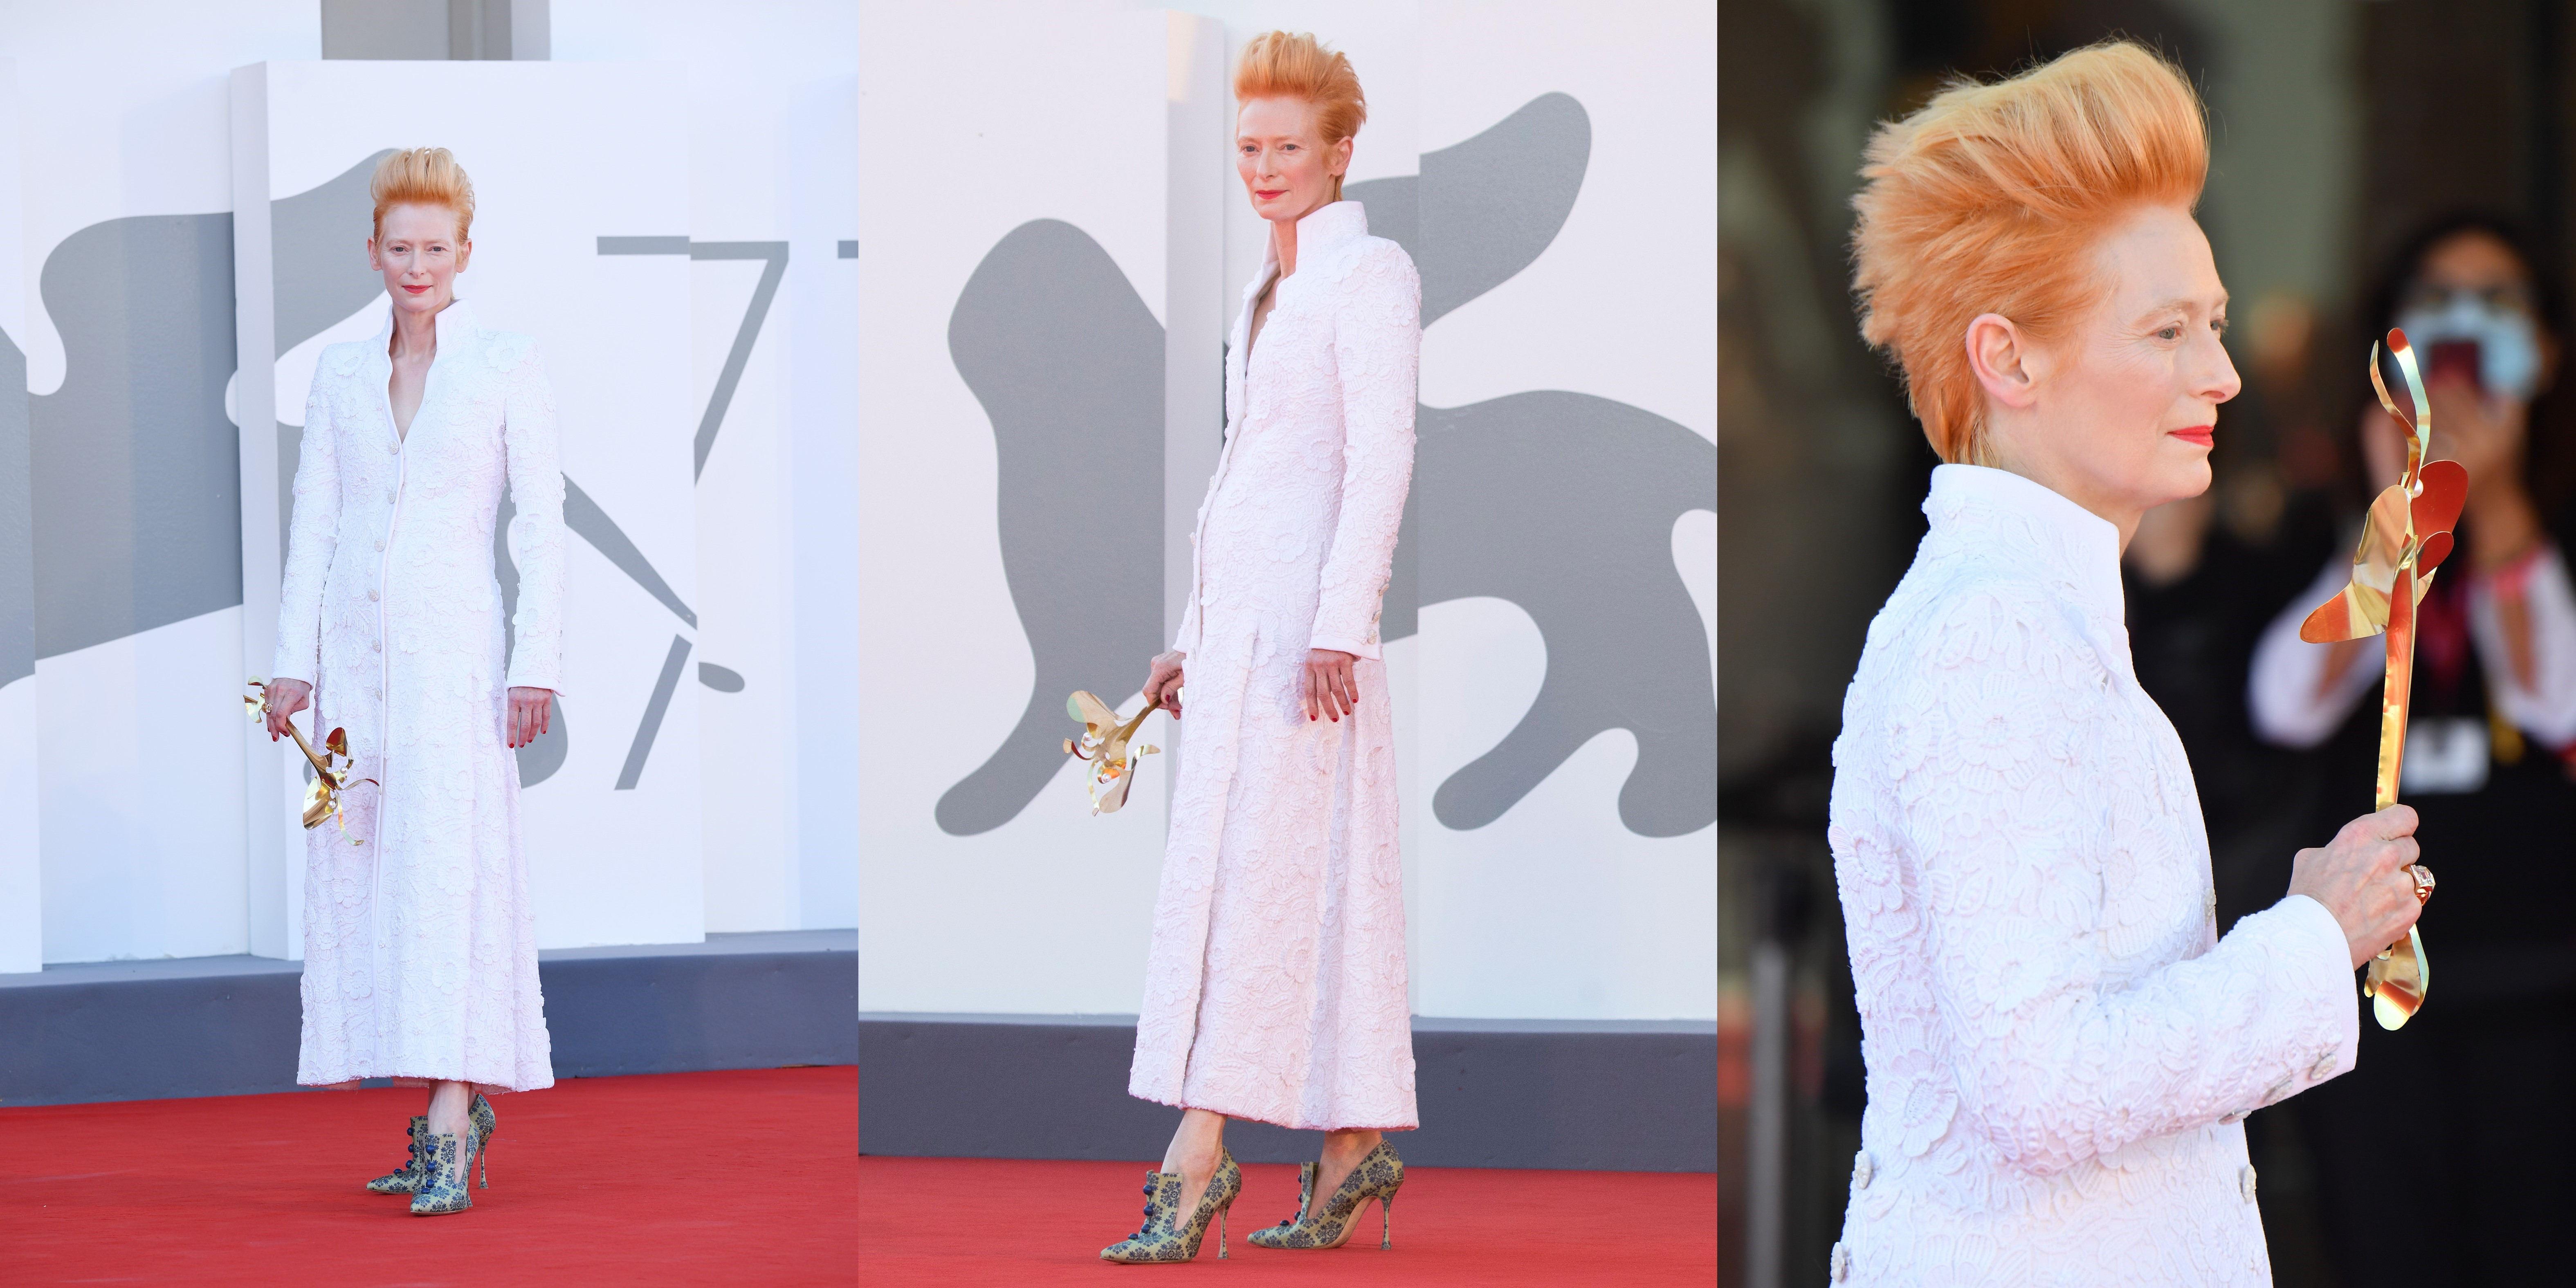 再穿旧礼服的大魔王, 气场十足的古一法师, 被LV承包的汀妹, 谁是威尼斯电影节红毯最佳造型?